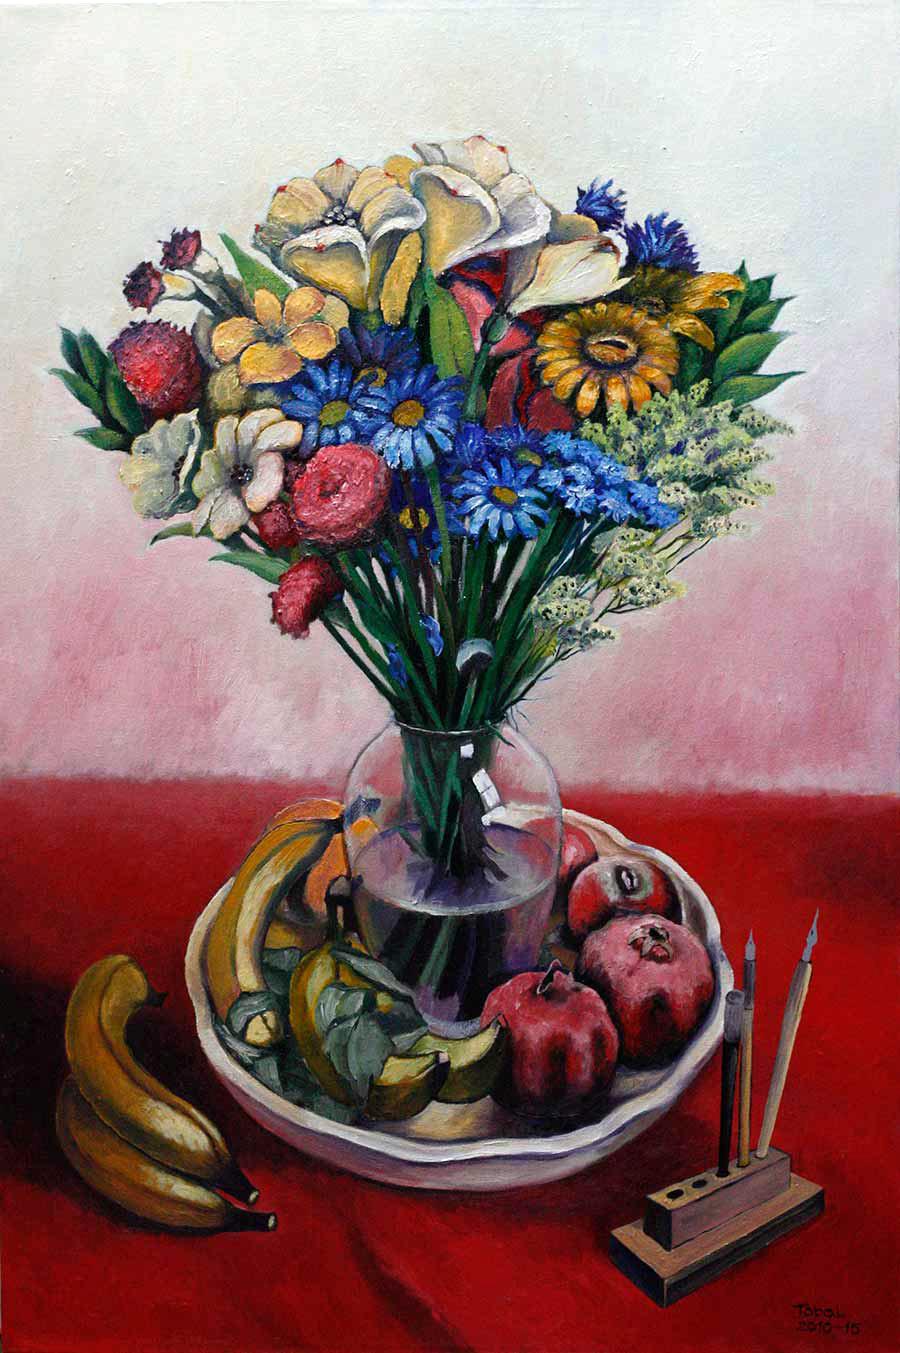 Flowers, Pomegranates and Bananas